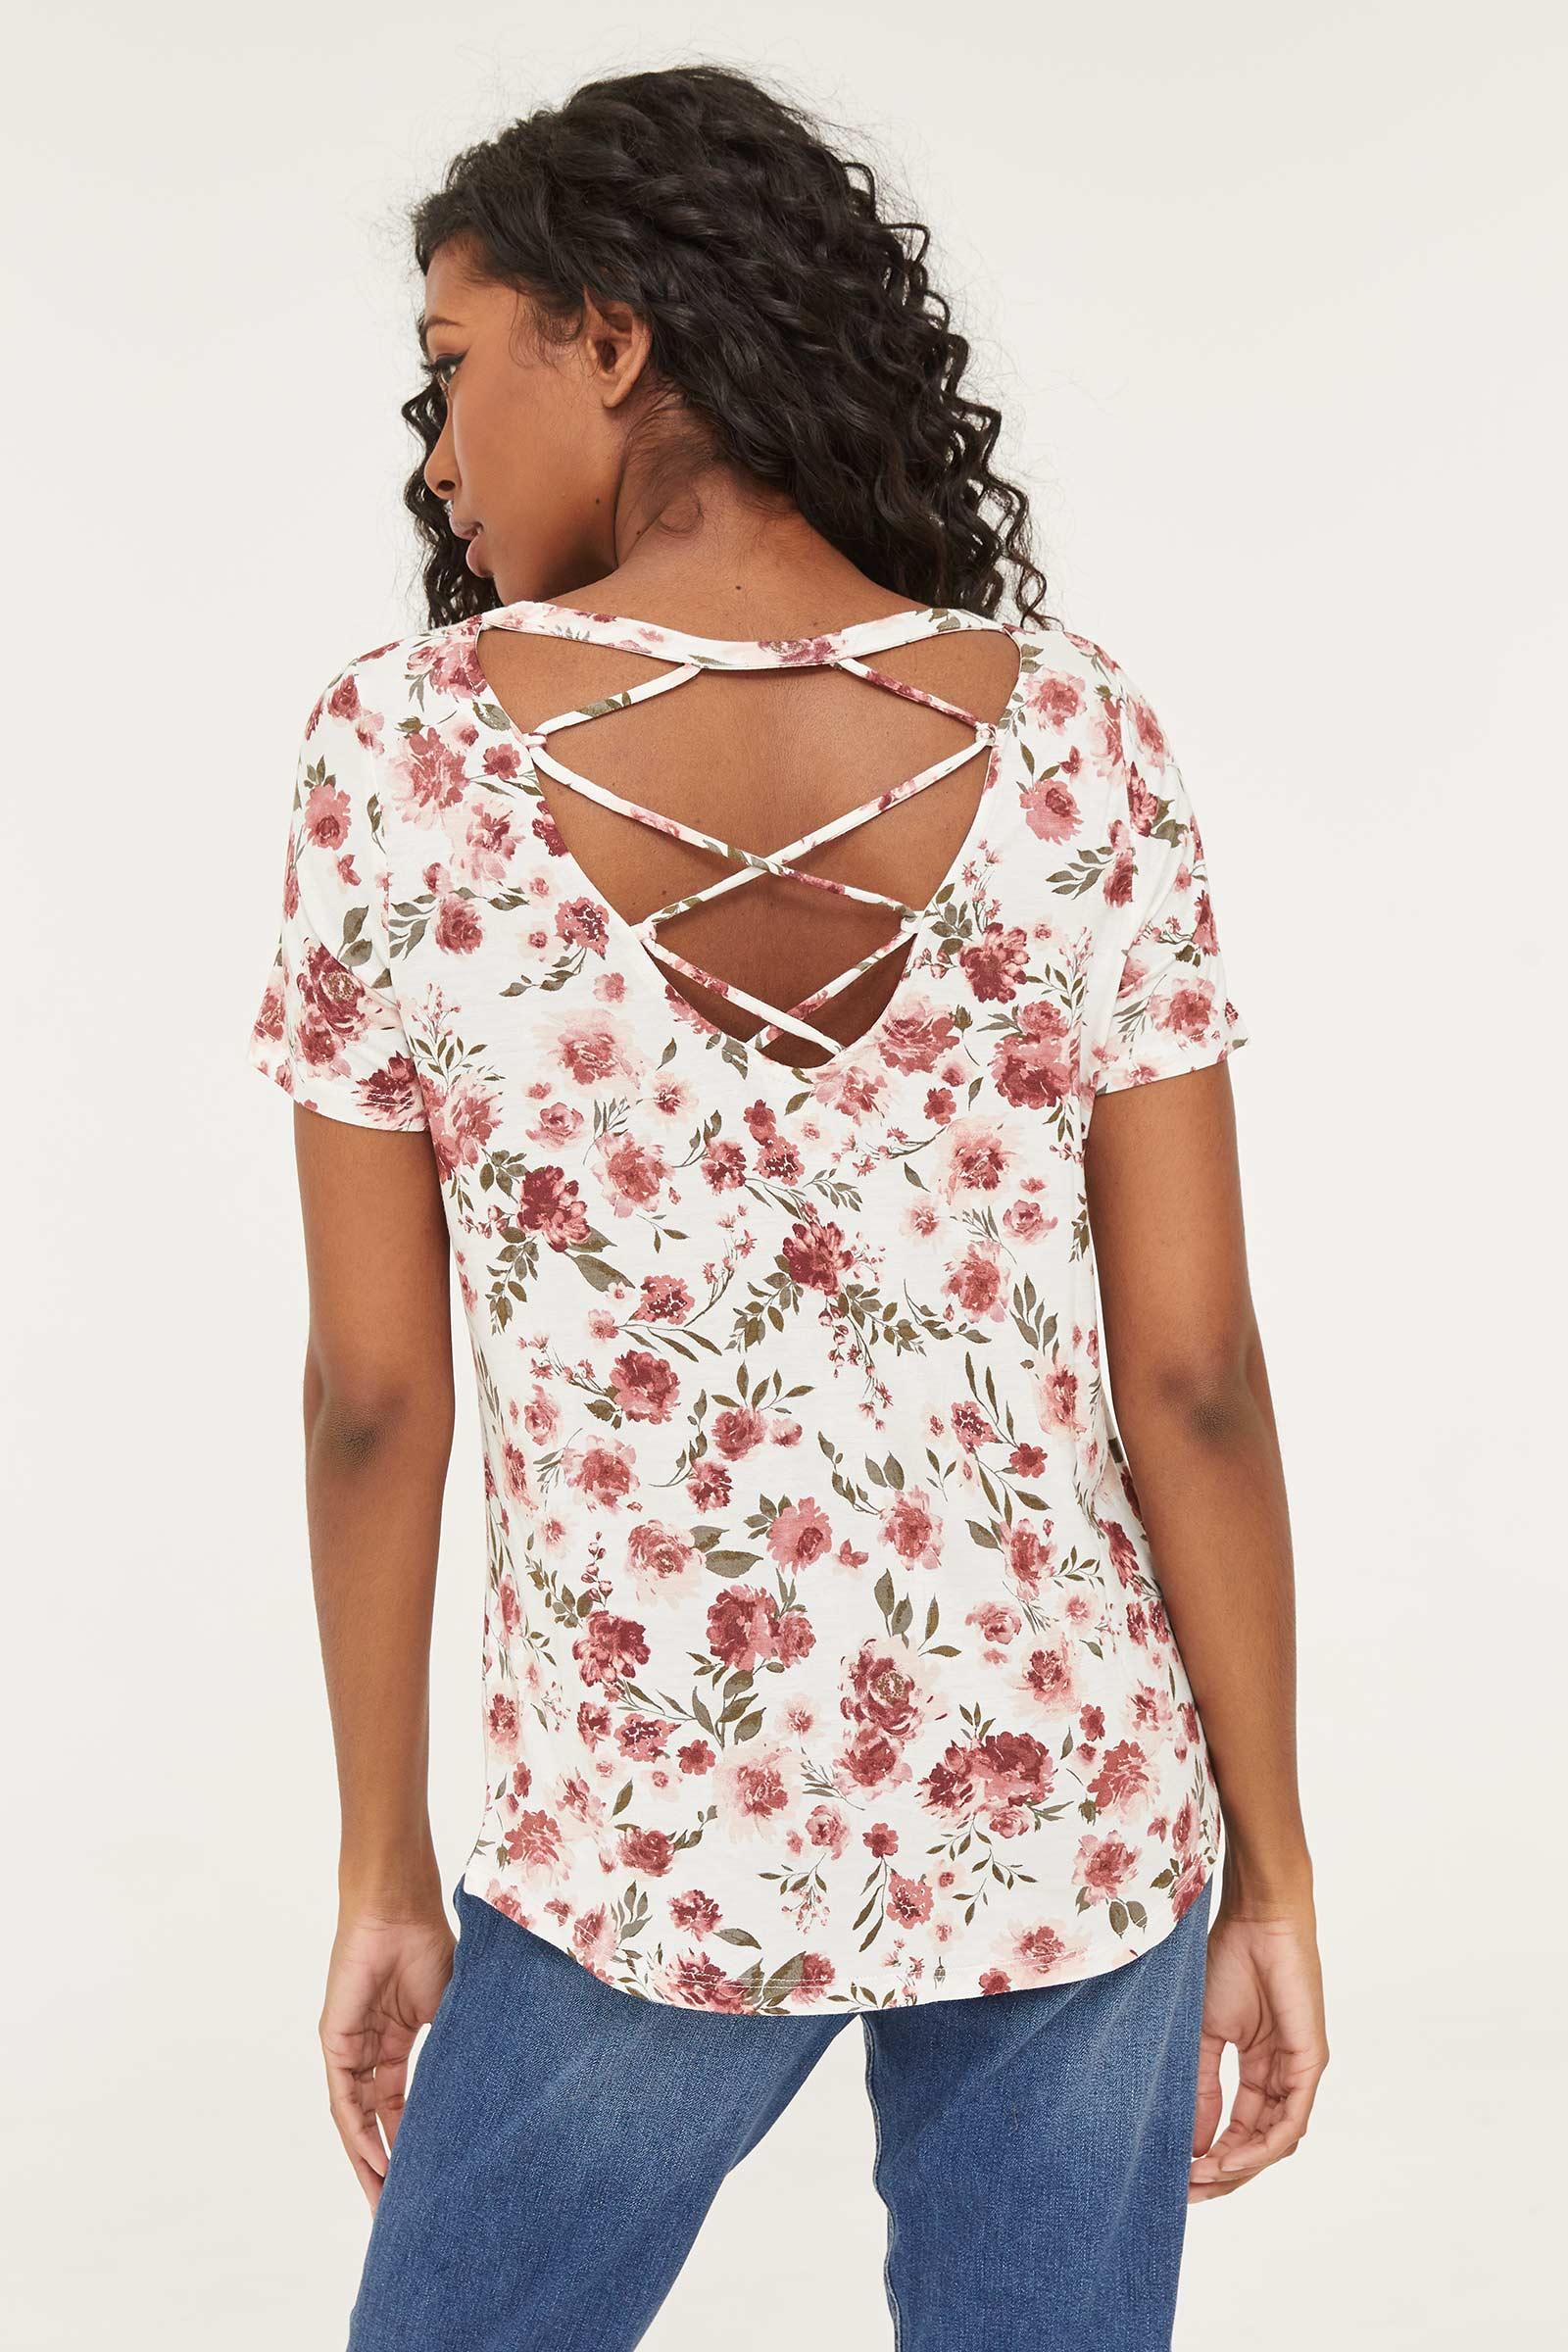 T-shirt avec dos à courroies croisées